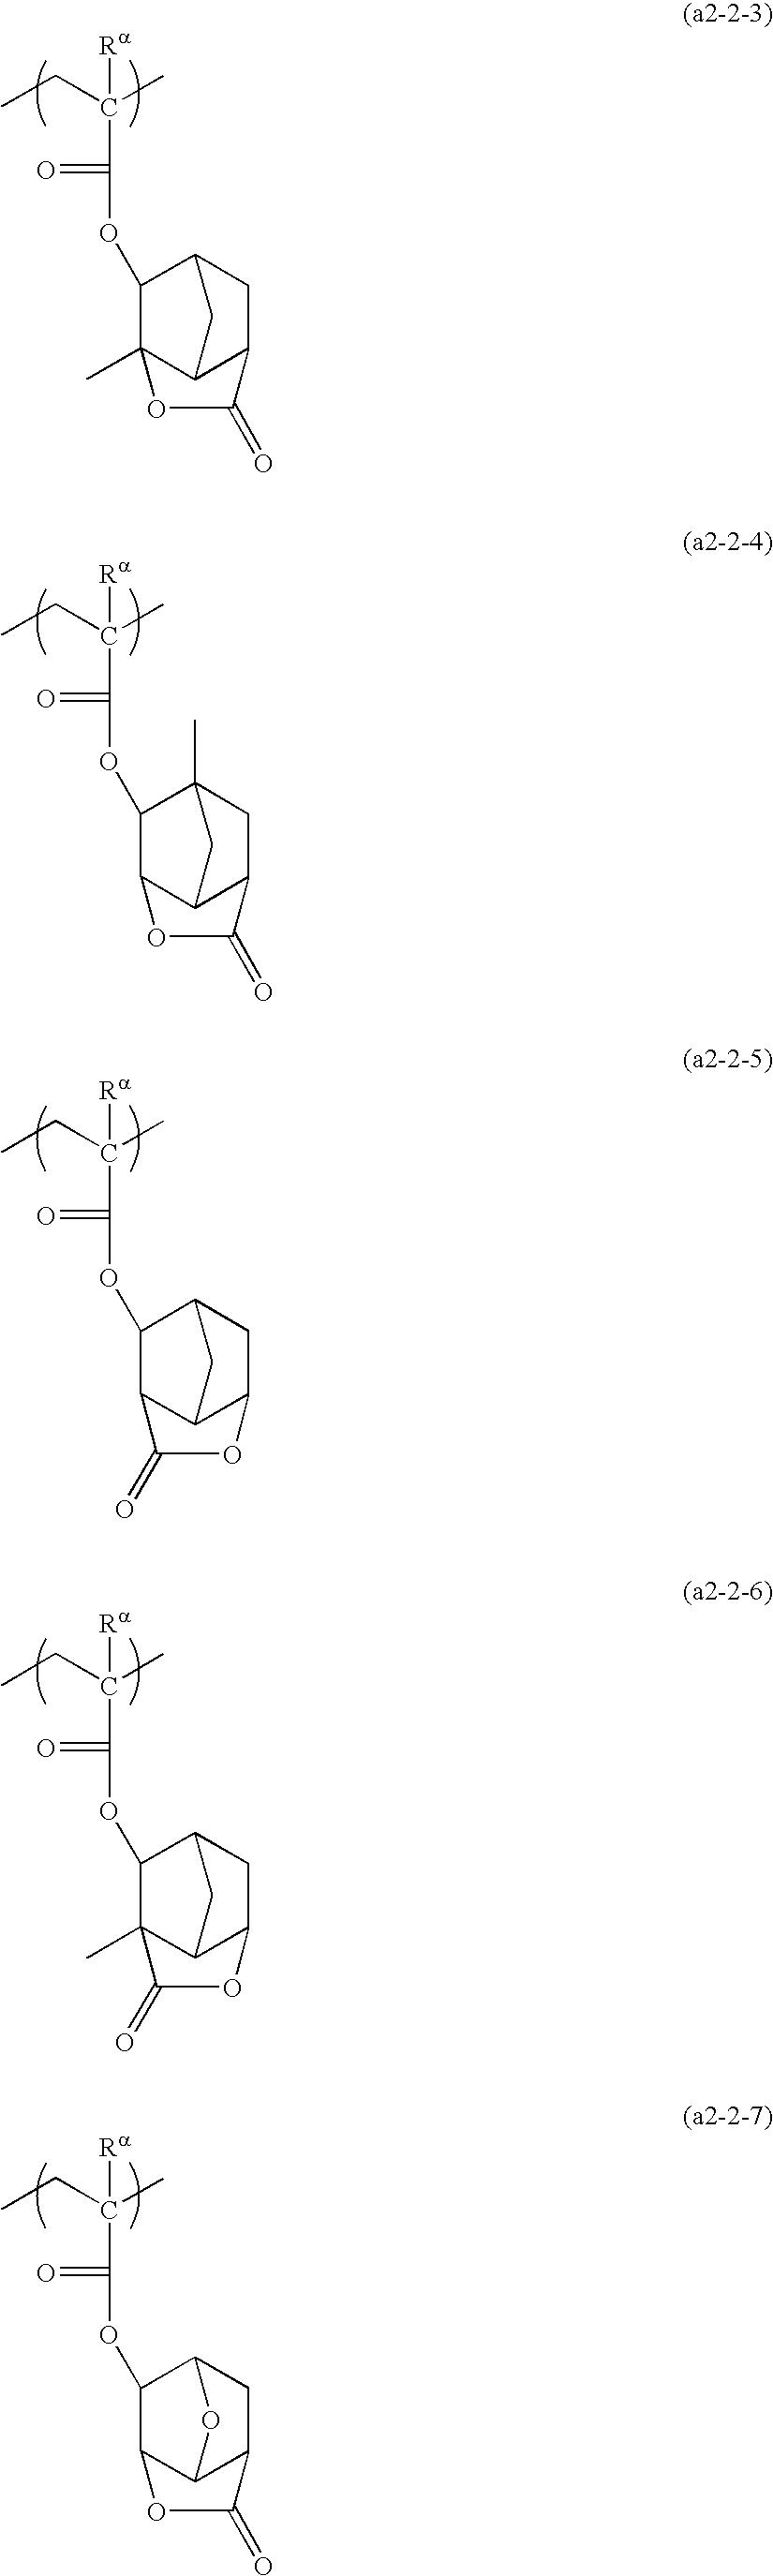 Figure US20100196821A1-20100805-C00070